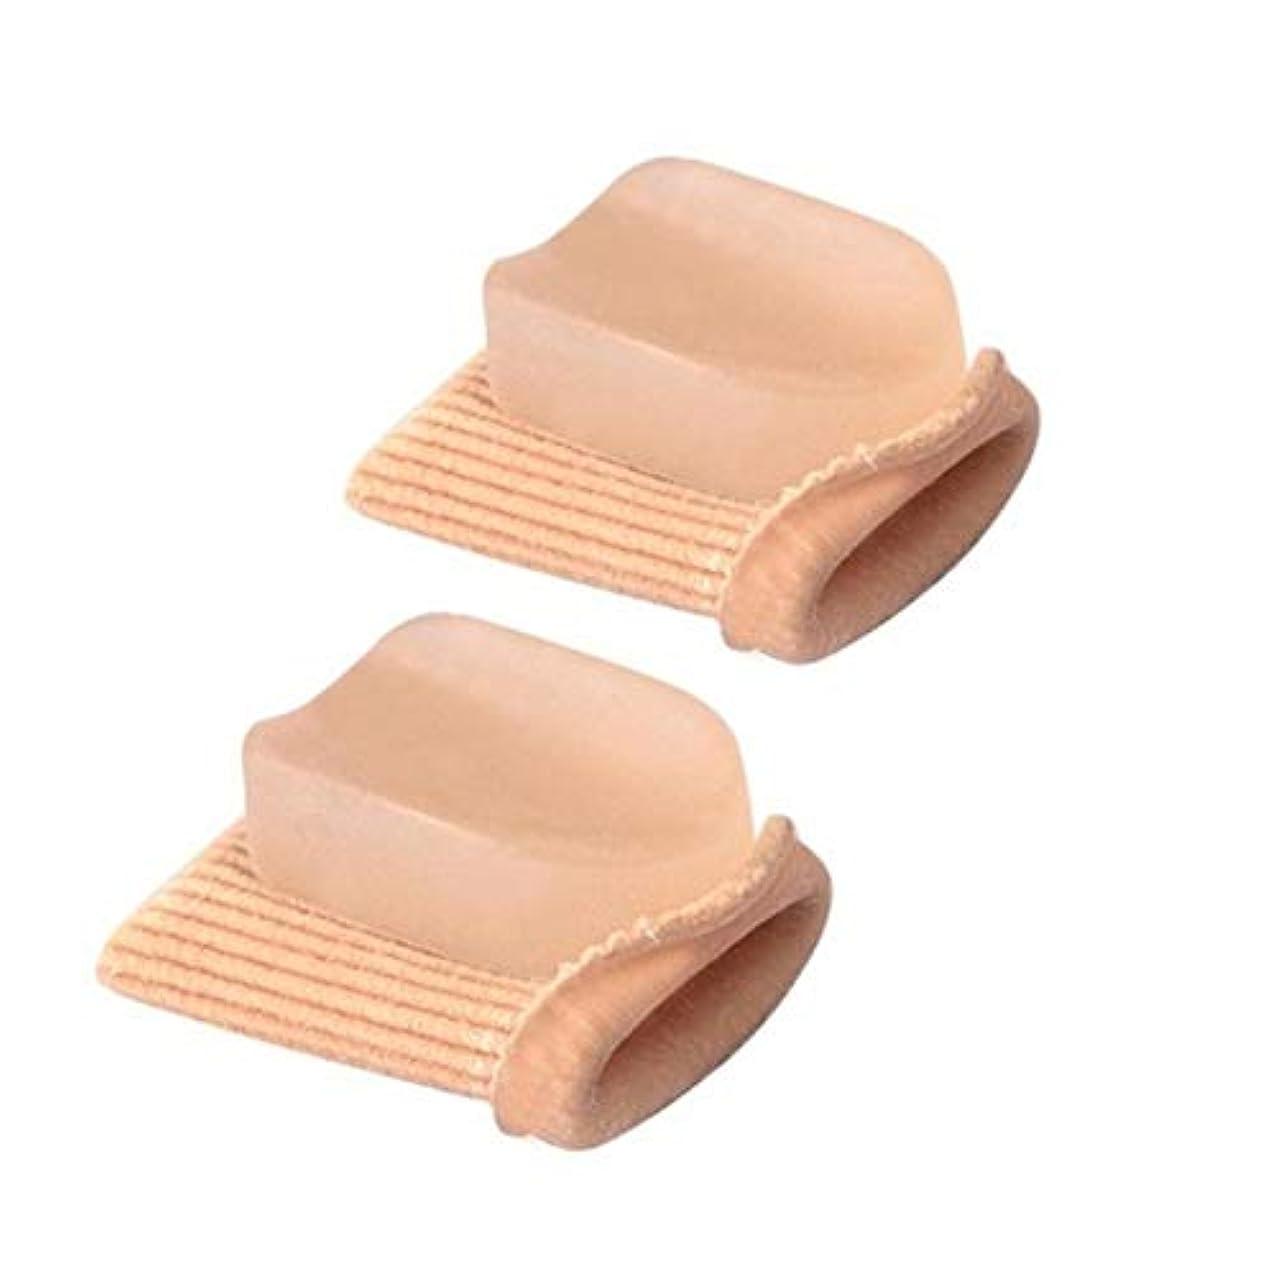 貫入ワックス関与する高弾性つま先ストレート矯正ハンマーつま先外反母gus矯正包帯つま先セパレーターフットケア包帯